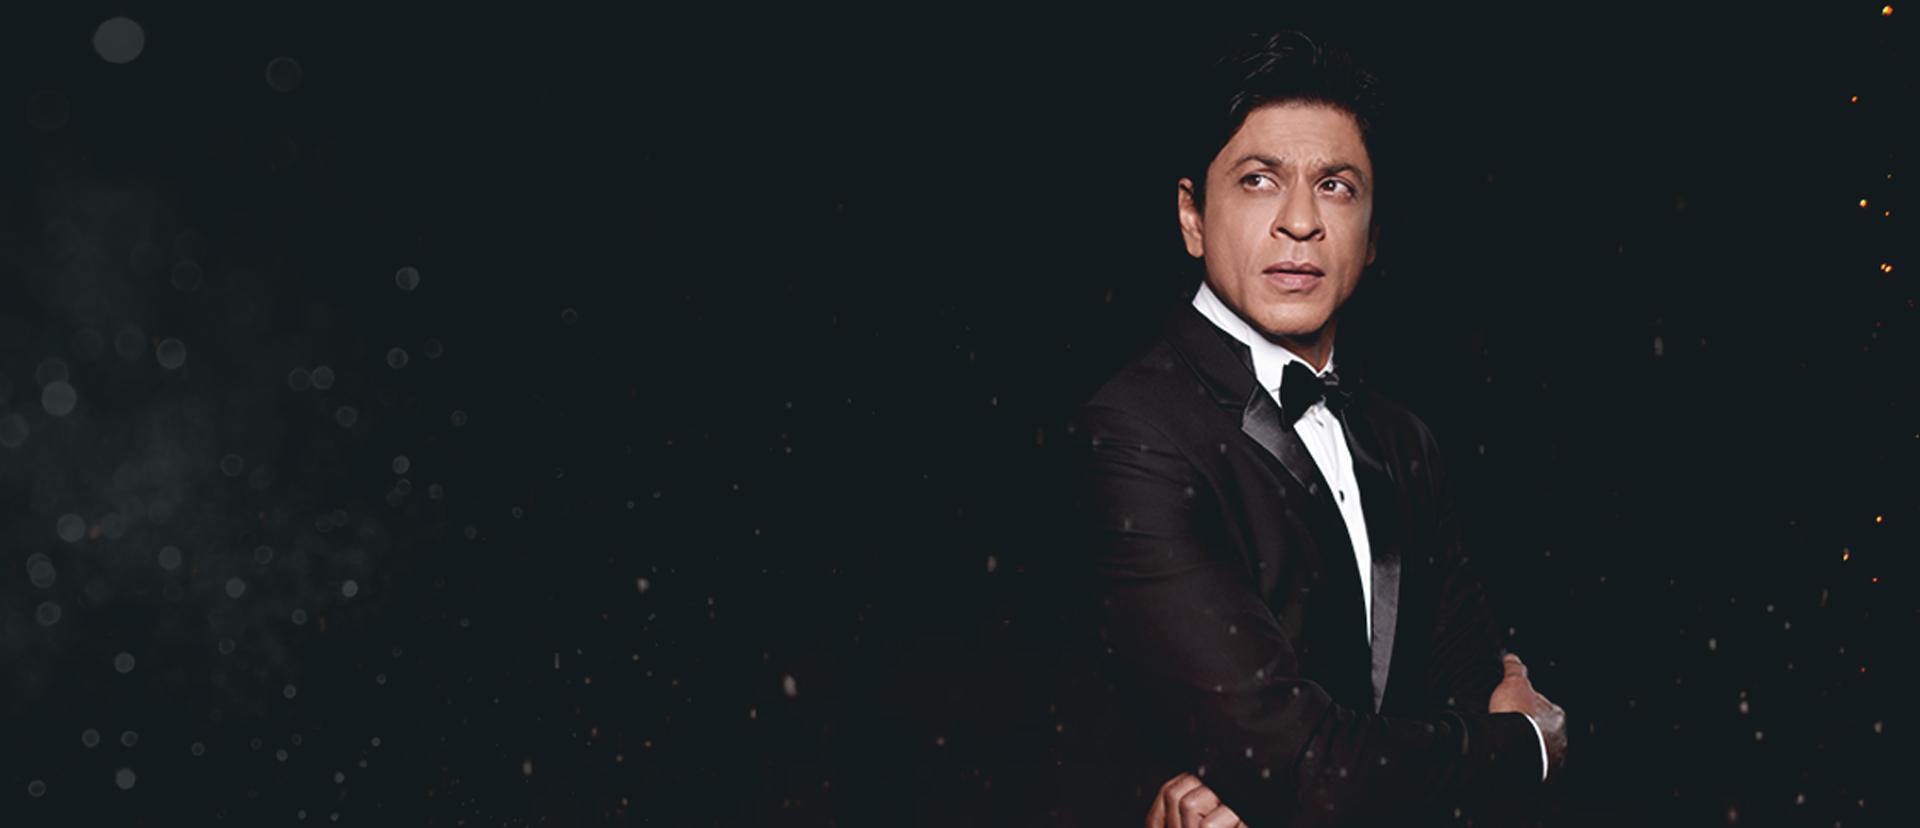 Shah Rukh Khan - 2016